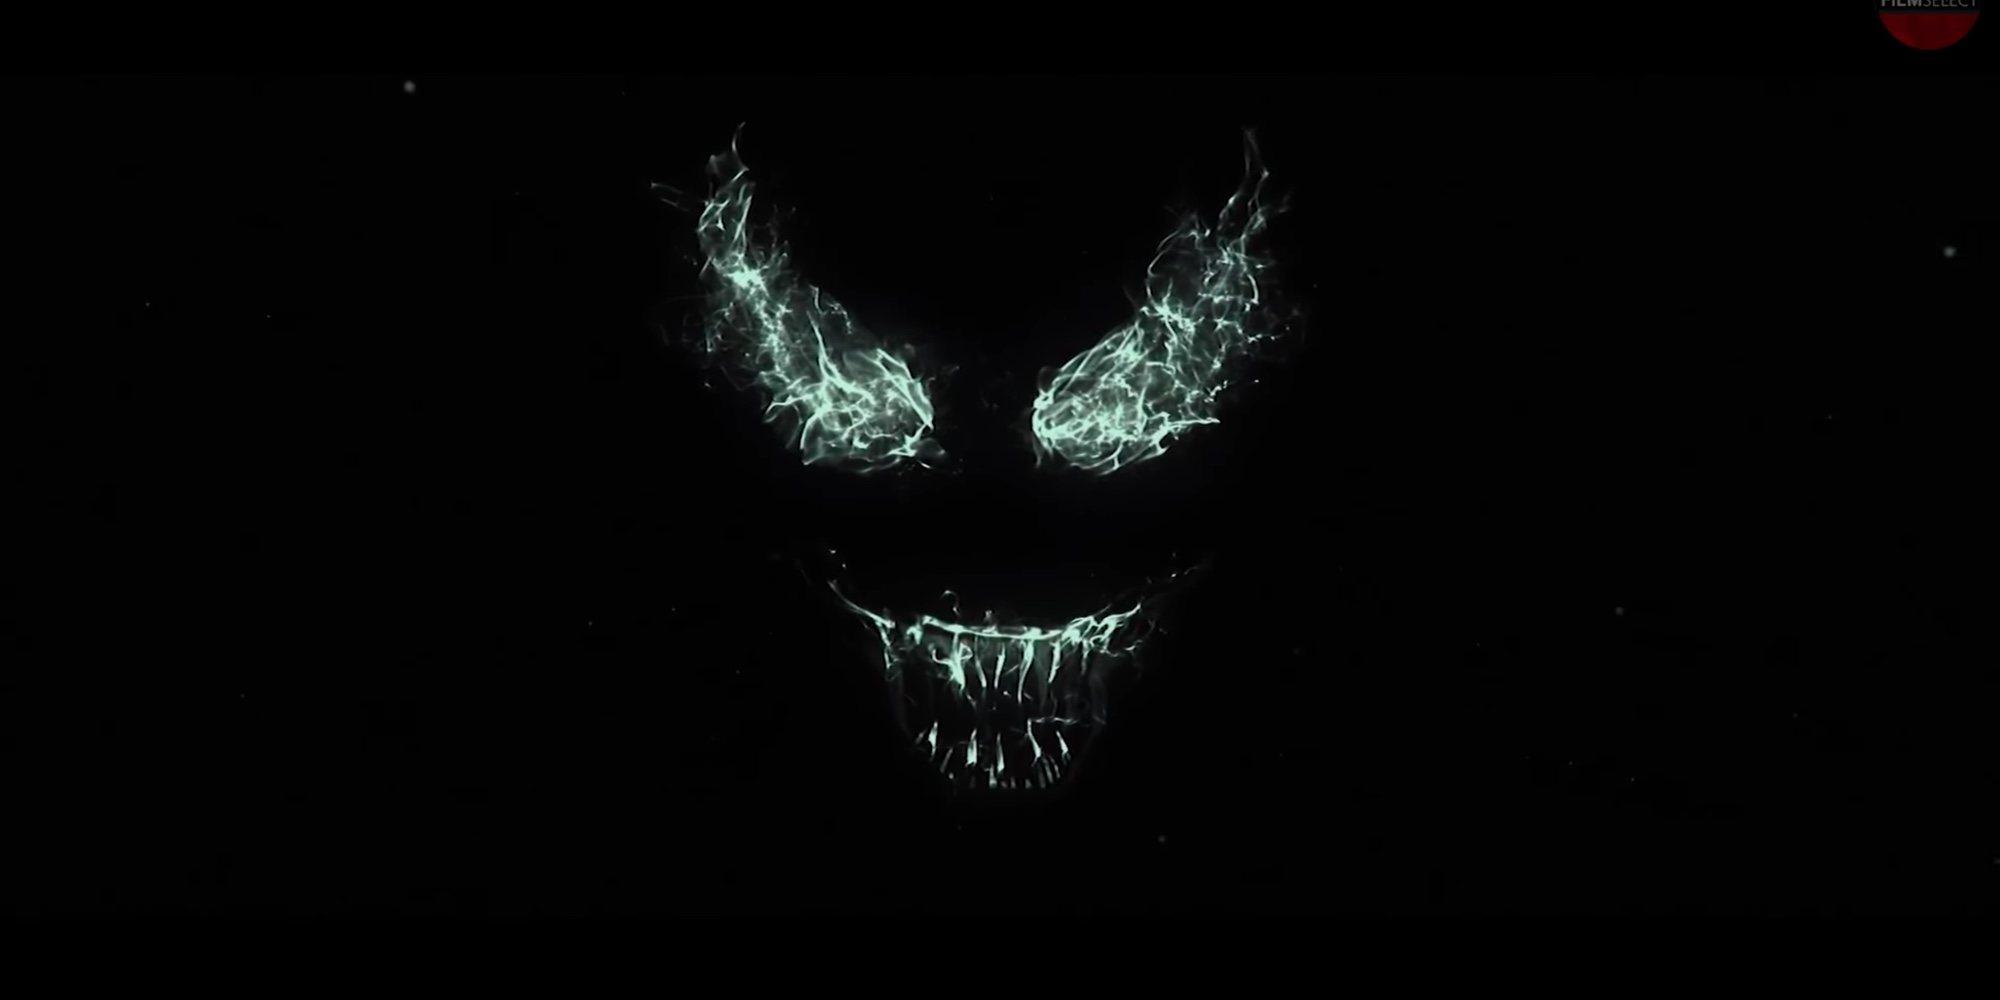 La impresionante transformación de Tom Hardy en Venom, el villano de 'Spiderman'